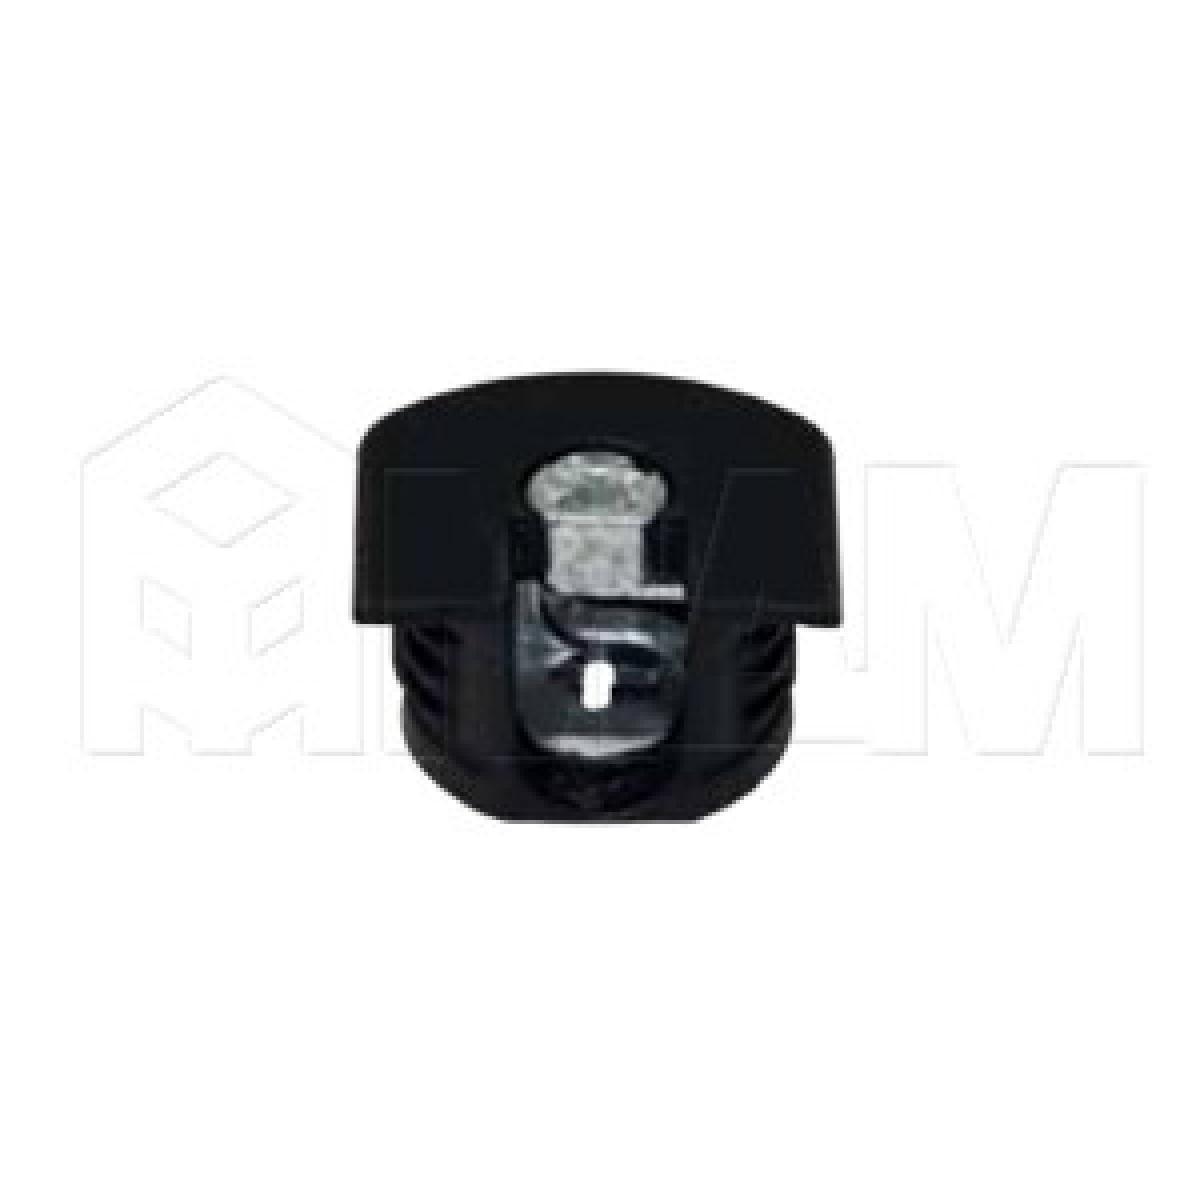 Эксцентрик усиленный в пластиковом корпусе 25 мм, черный